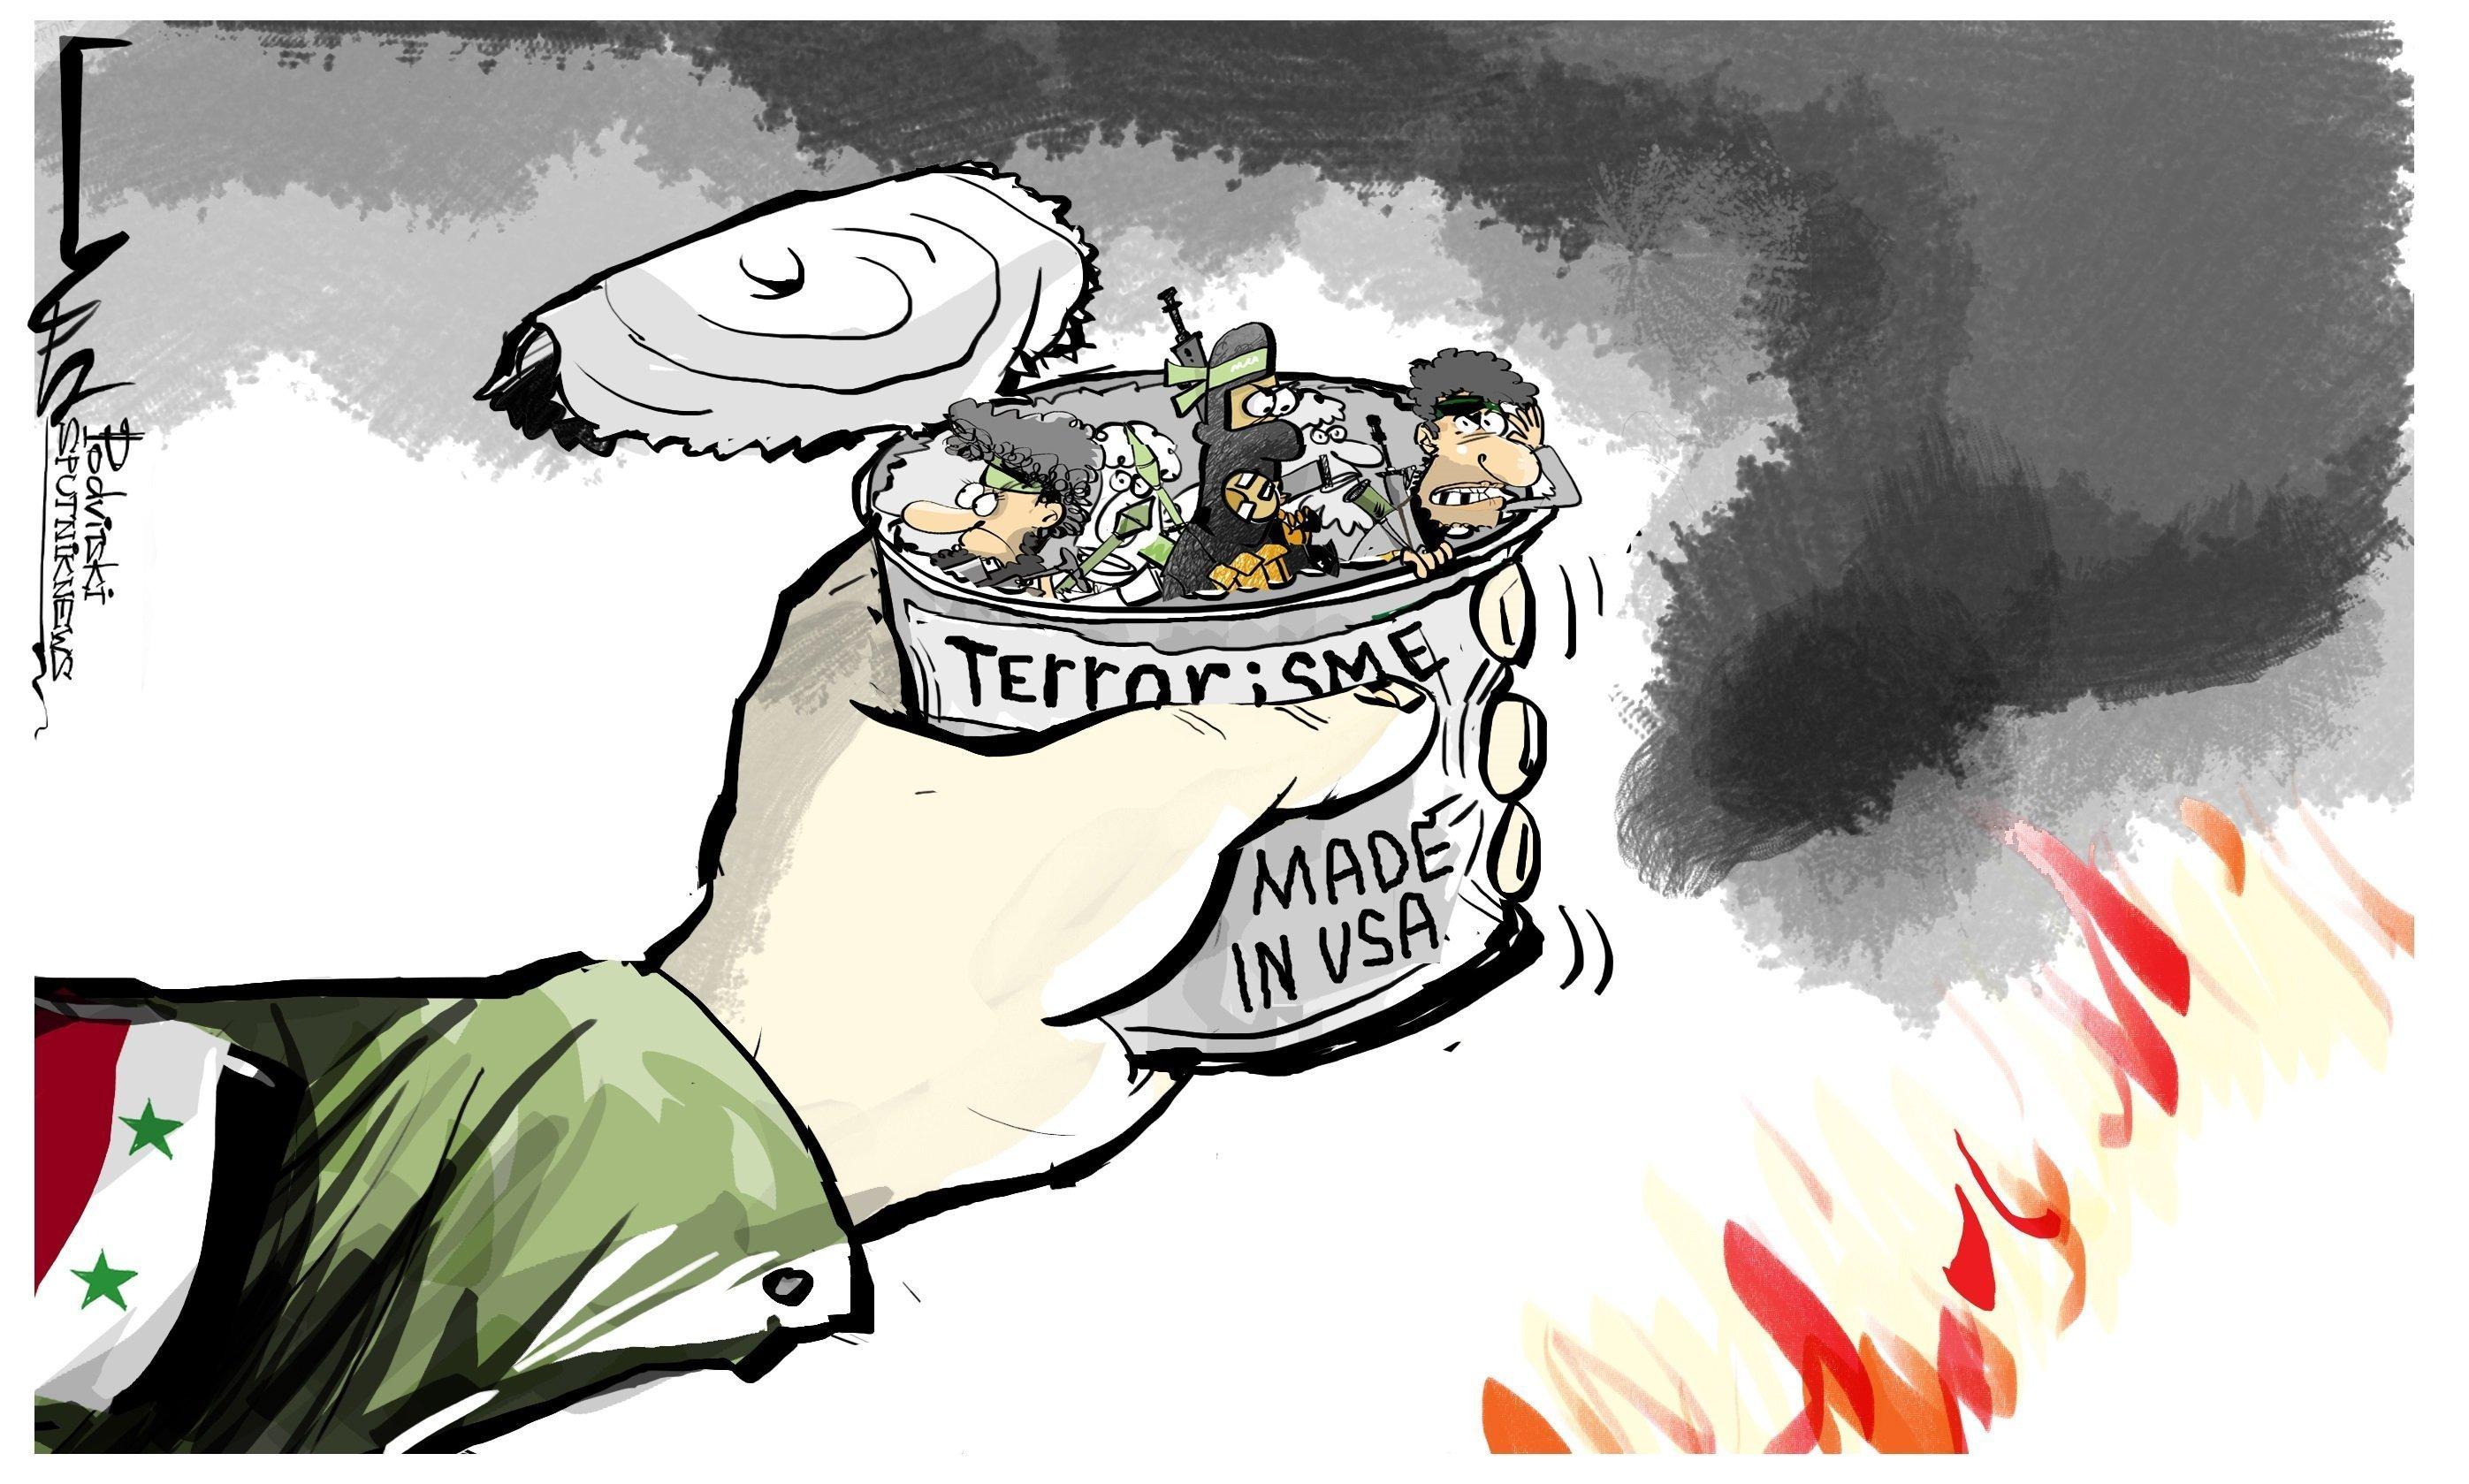 Des terroristes s'entraînent sur une base US en Syrie